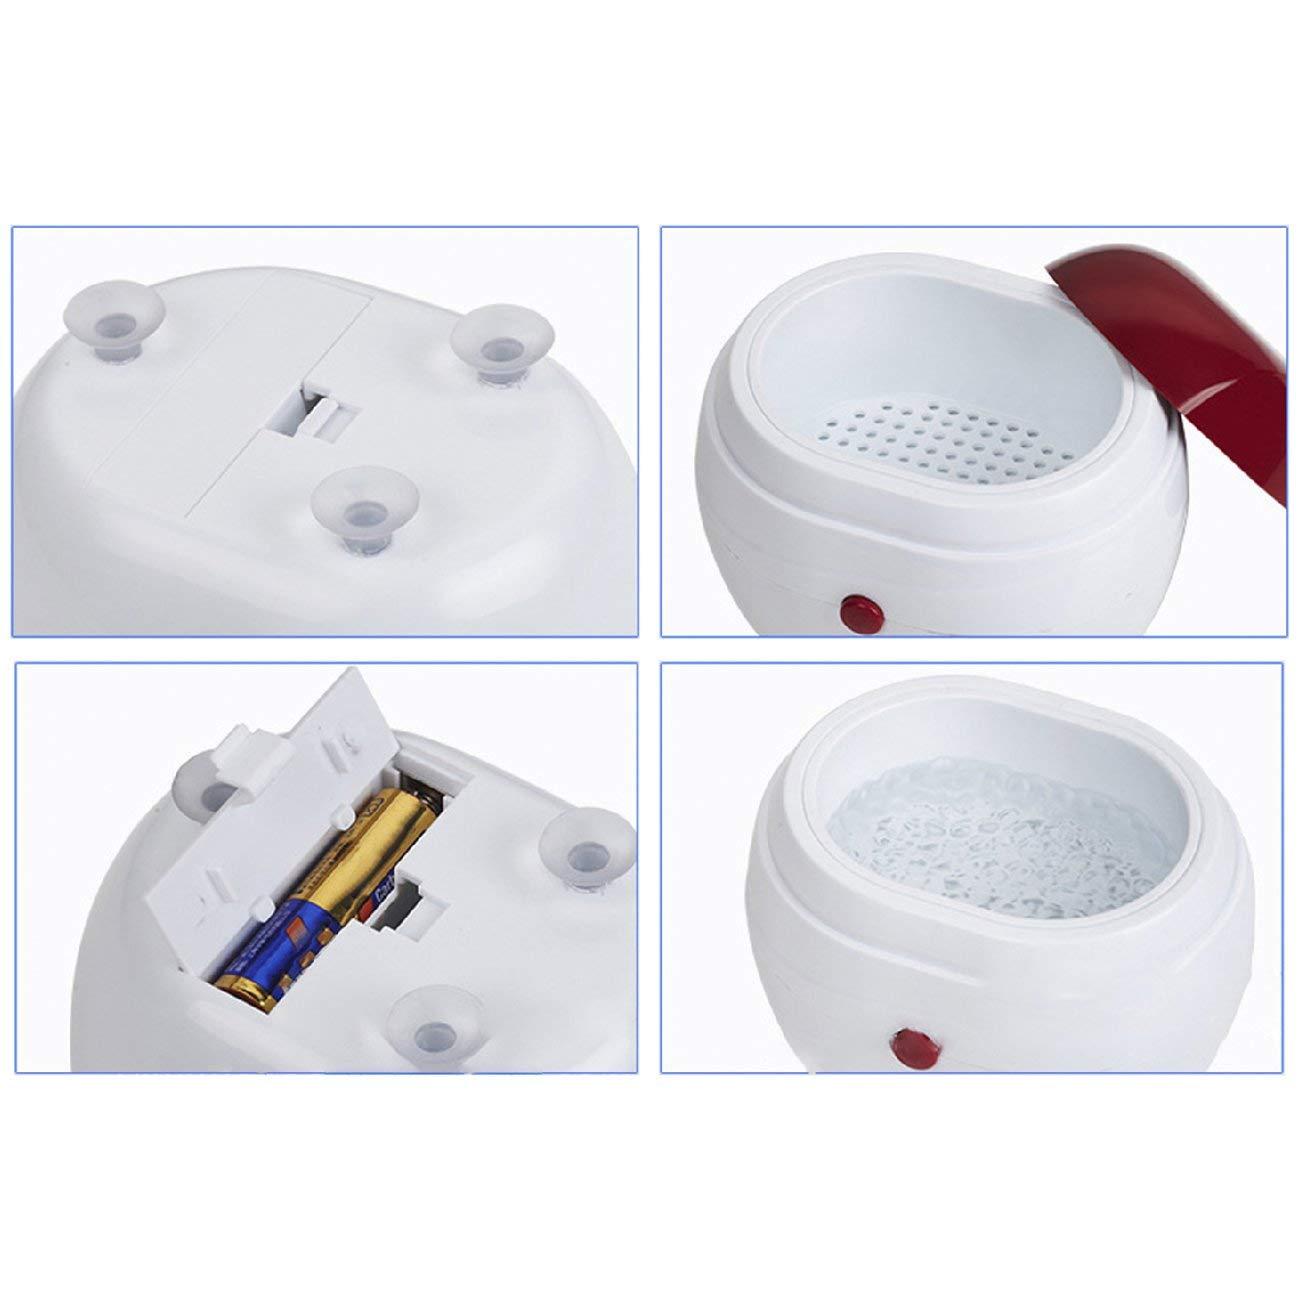 Rojo y blanco JIO-S Lavadora ultras/ónica port/átil Hogar Joyas Lentes Relojes Dentaduras M/áquina de limpieza Lavadora Limpiador Caja de limpieza